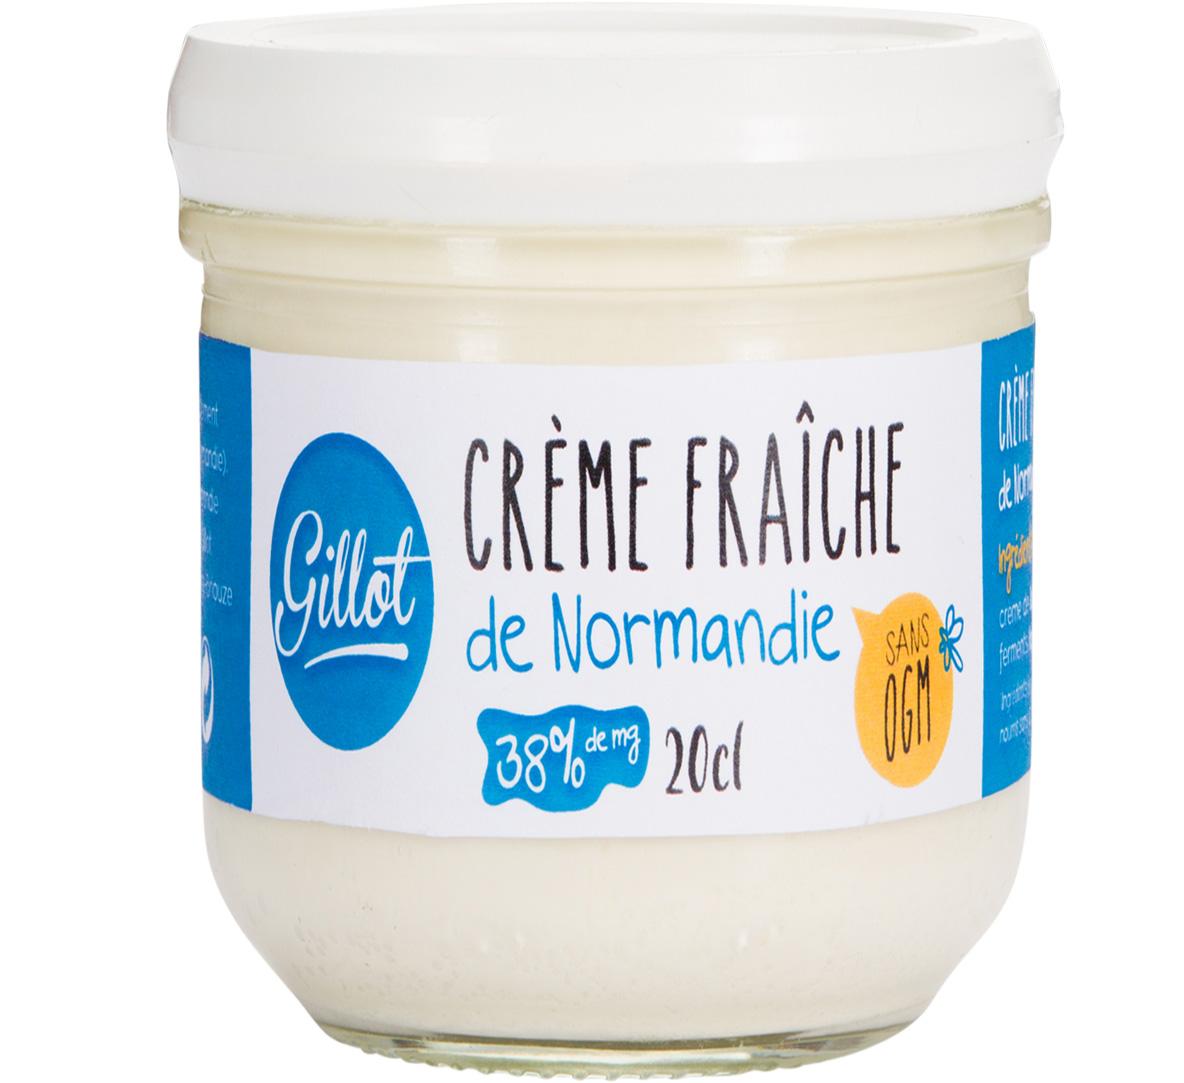 Produits Frais – Crème fraîche de Normandie sans OGM